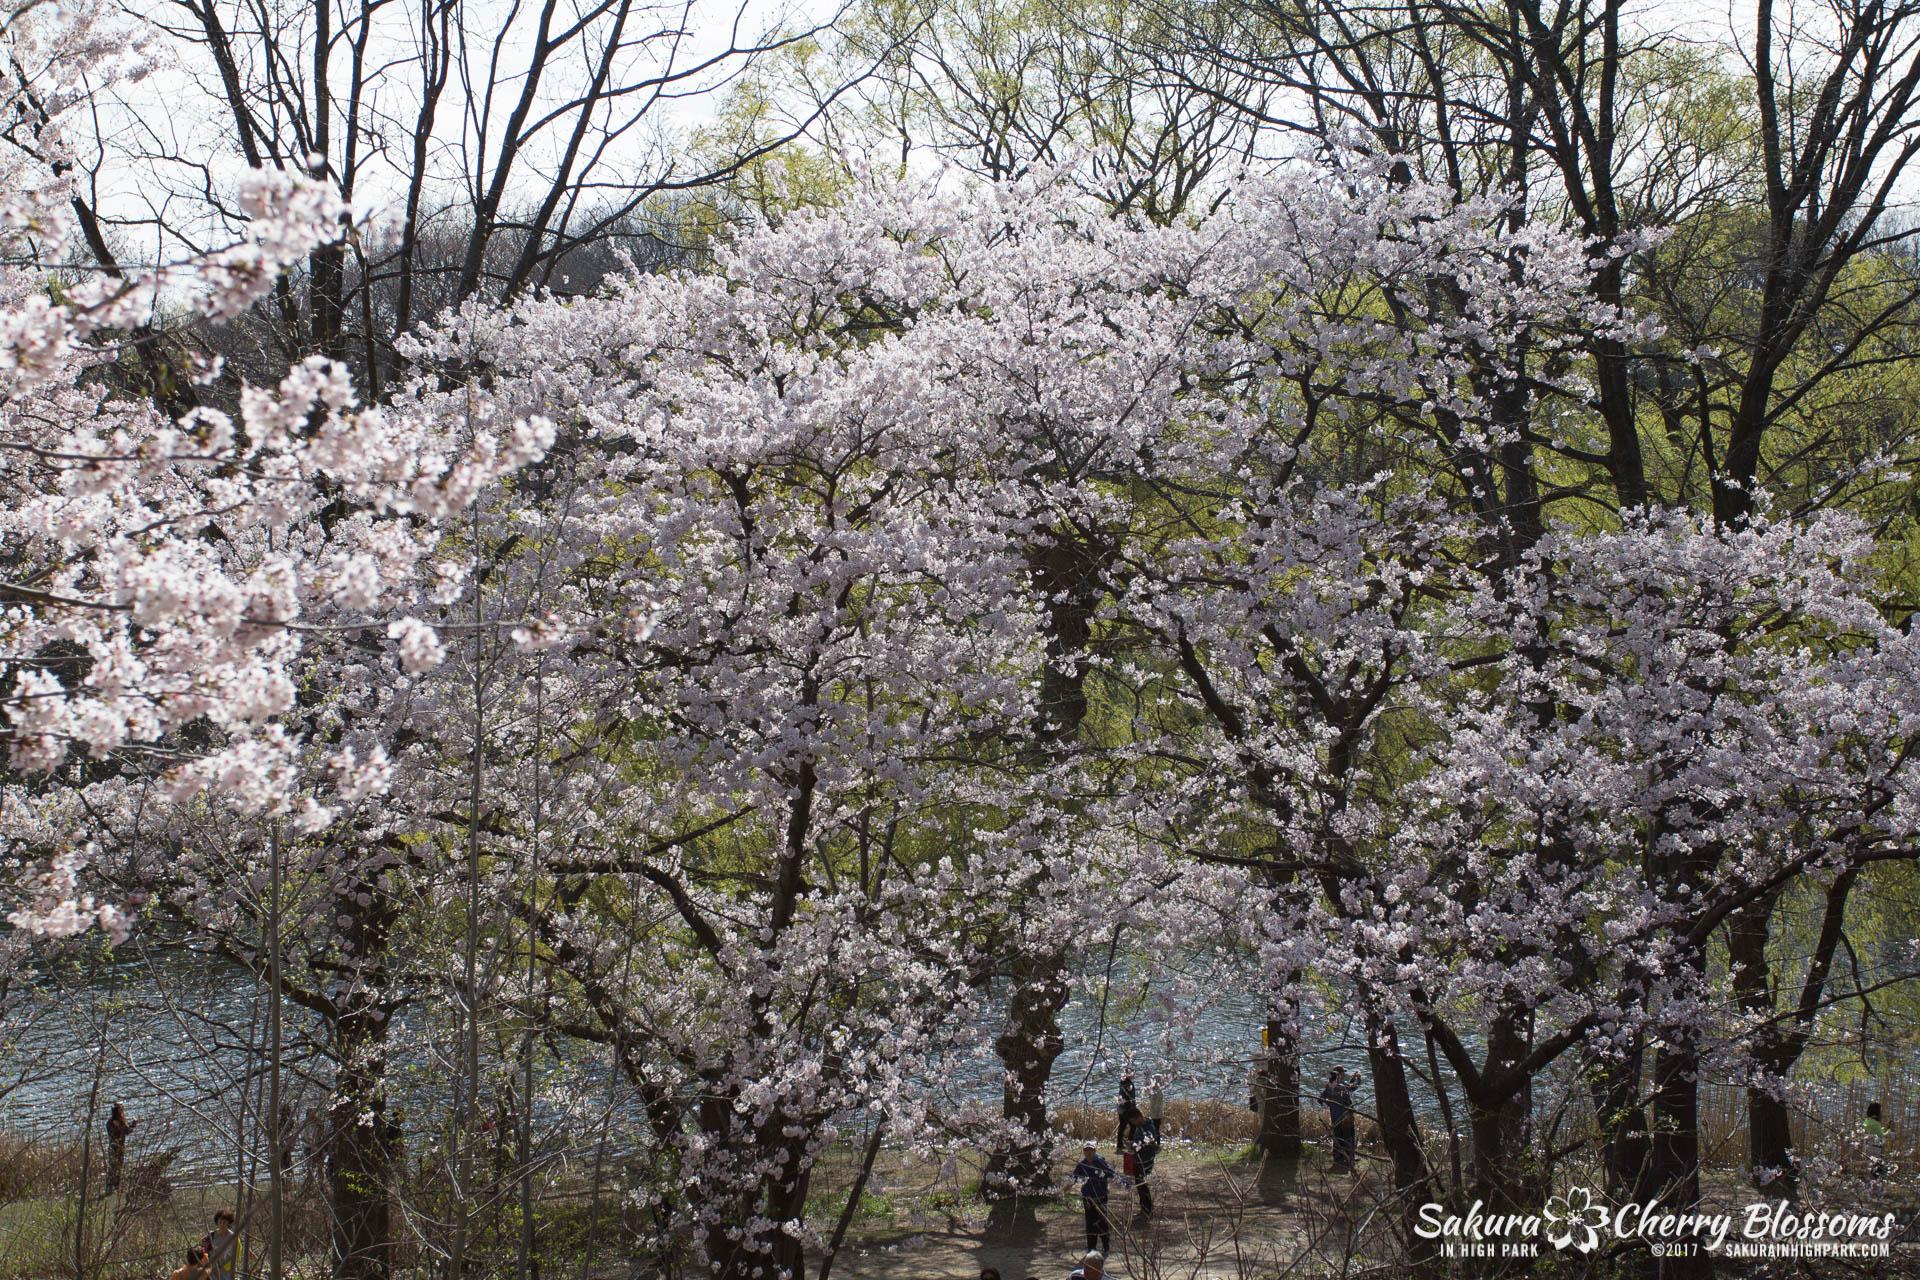 Sakura-Watch-April-28-2017-full-bloom-throughout-High-Park-5737.jpg